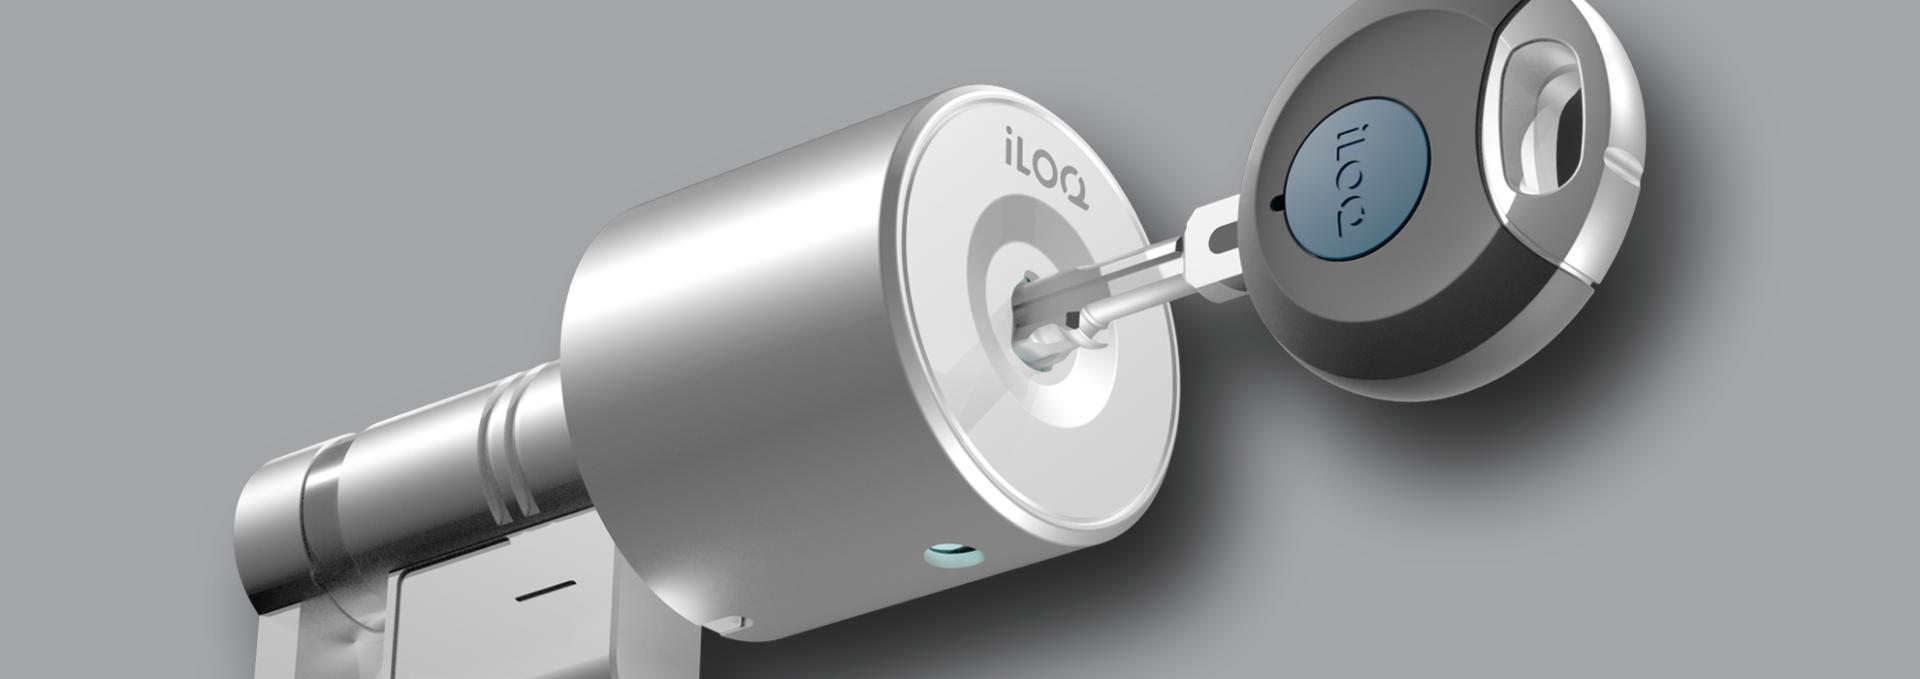 Inteligentní cylindrická vložka iLOQ